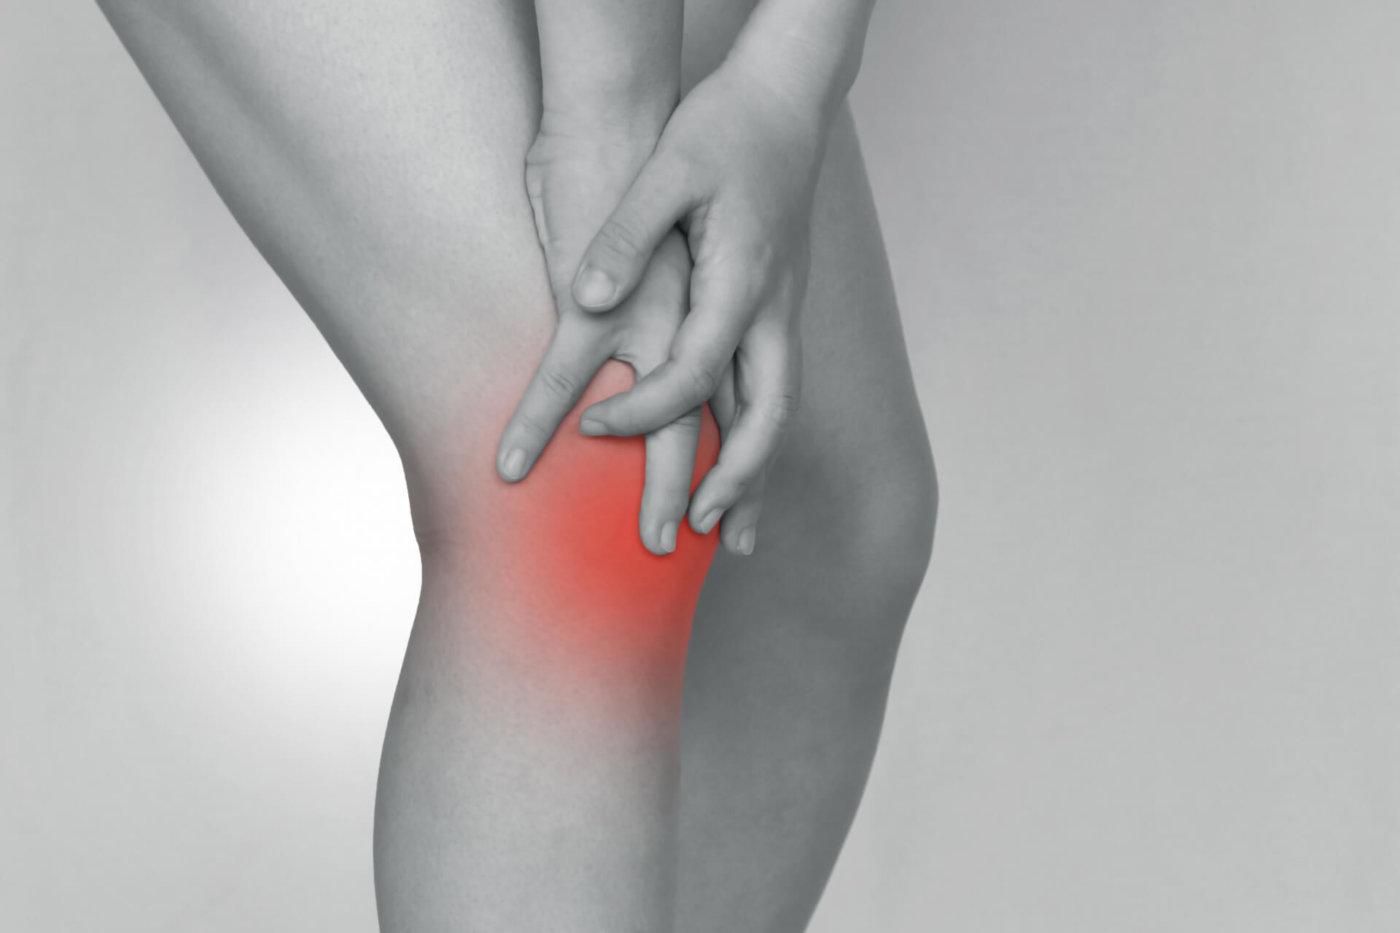 マラソンで膝の痛みが出るのはなぜ?